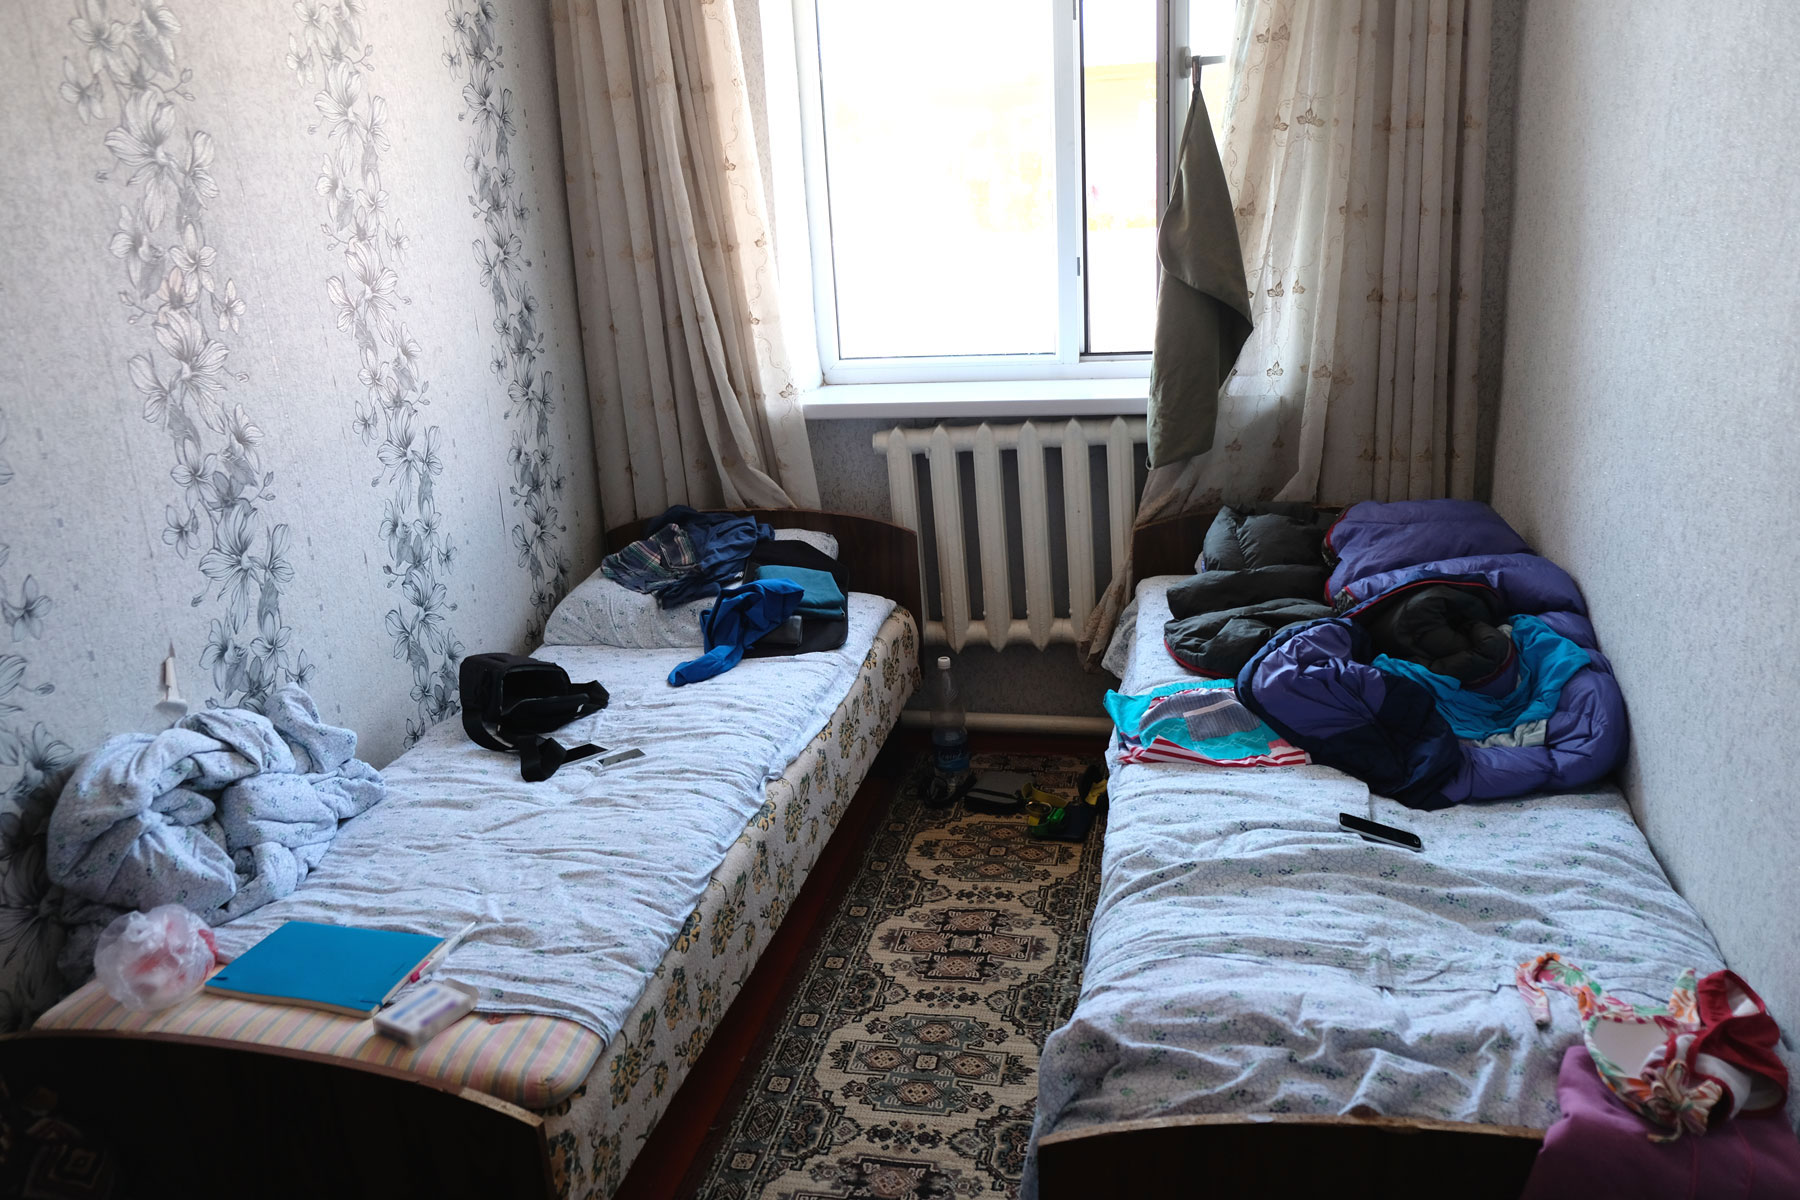 Zwei Betten in einem kleinen Zimmer.